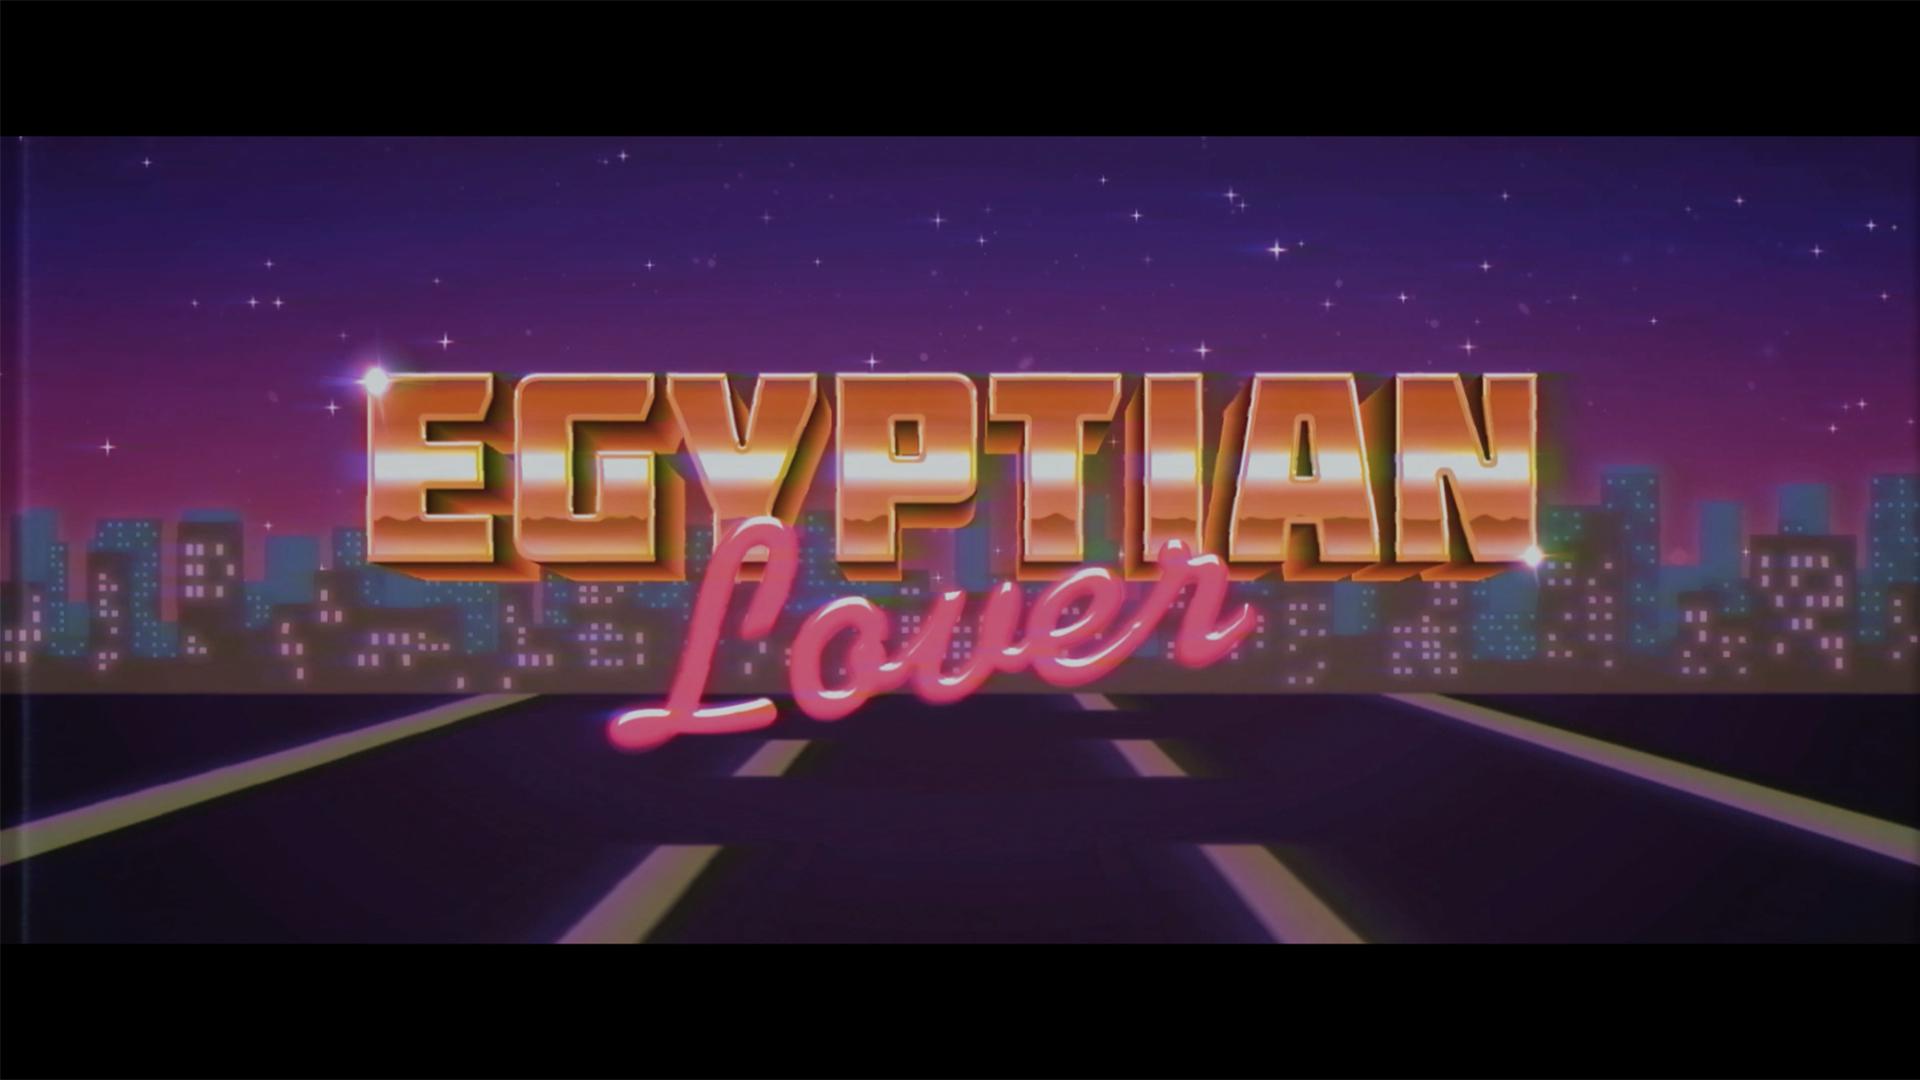 EgyptianLover_1